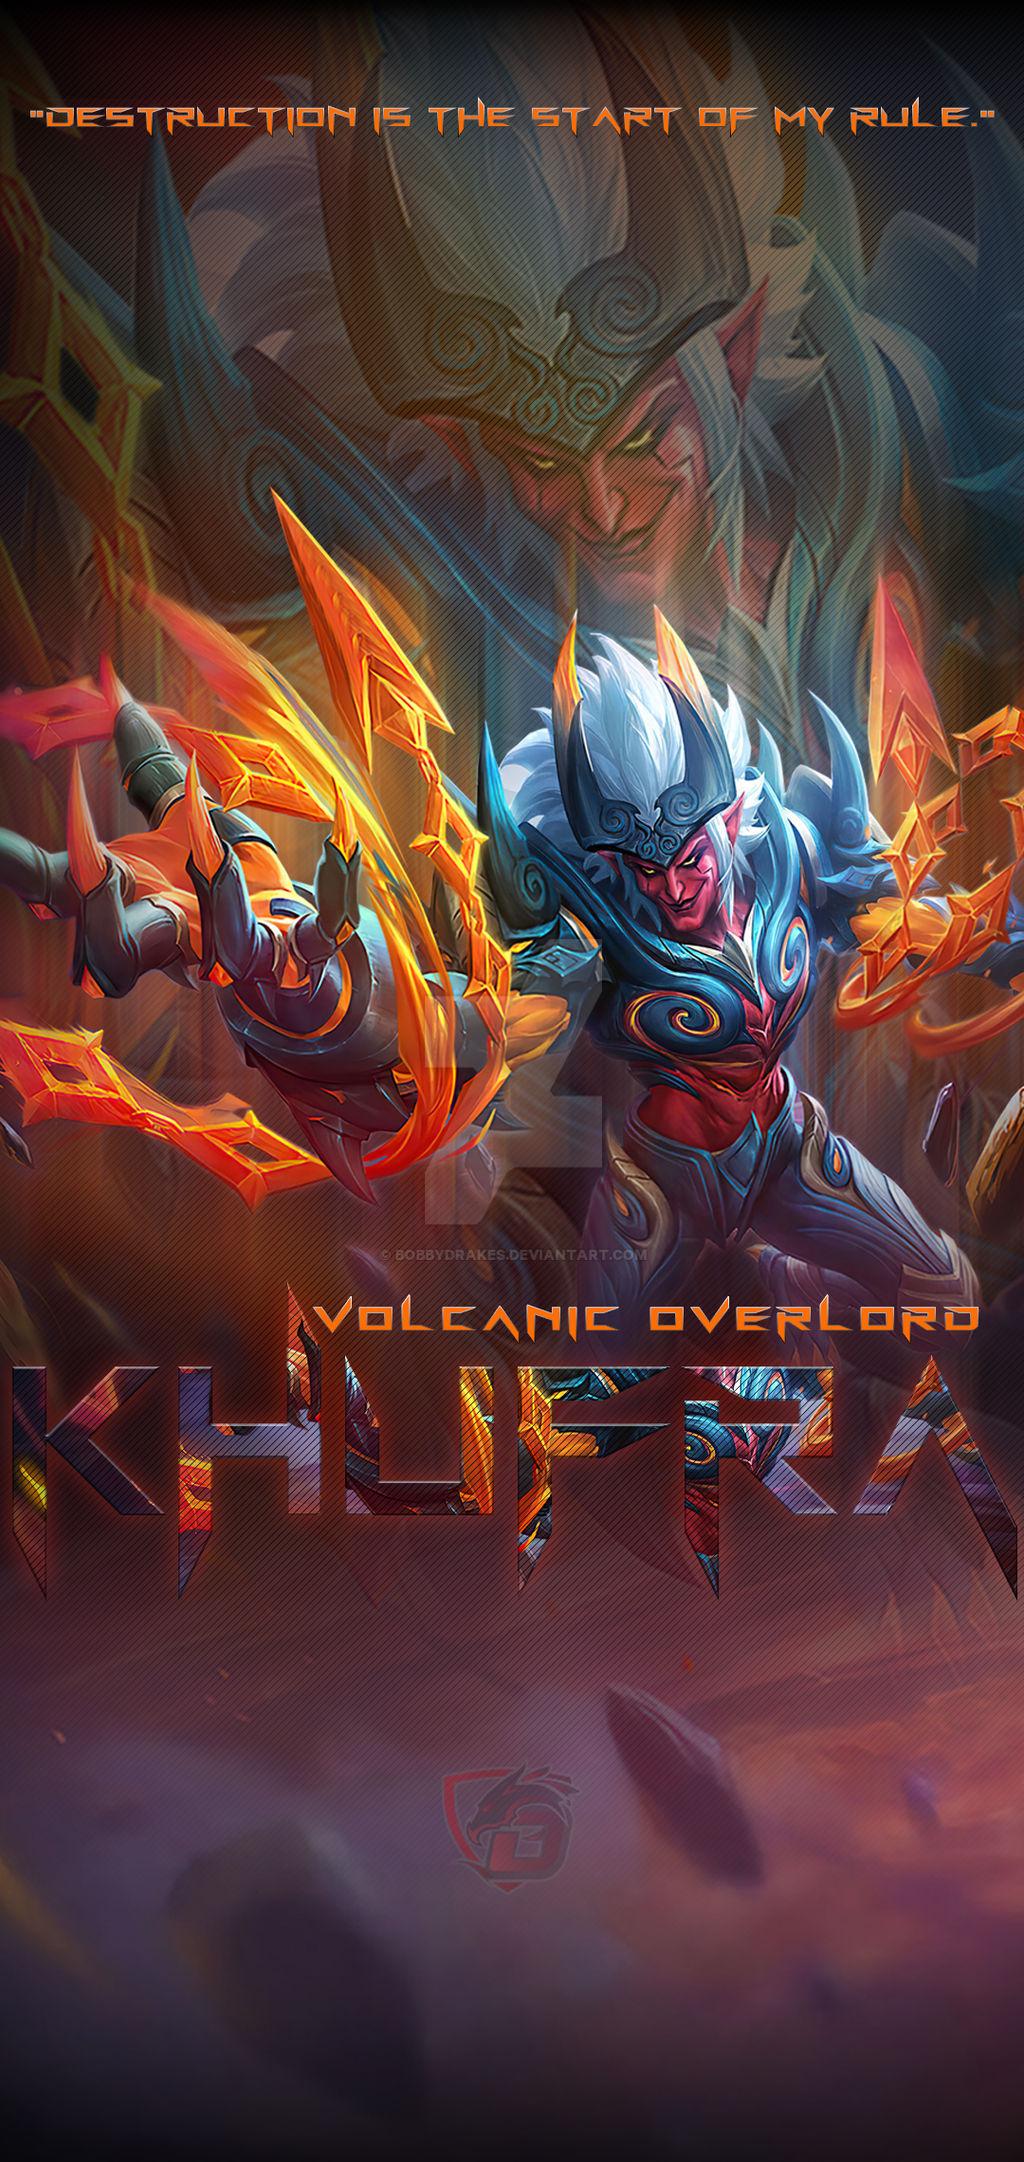 Khufra Volcanic Overlord Mobile Wallpaper By Bobbydrakes On Deviantart